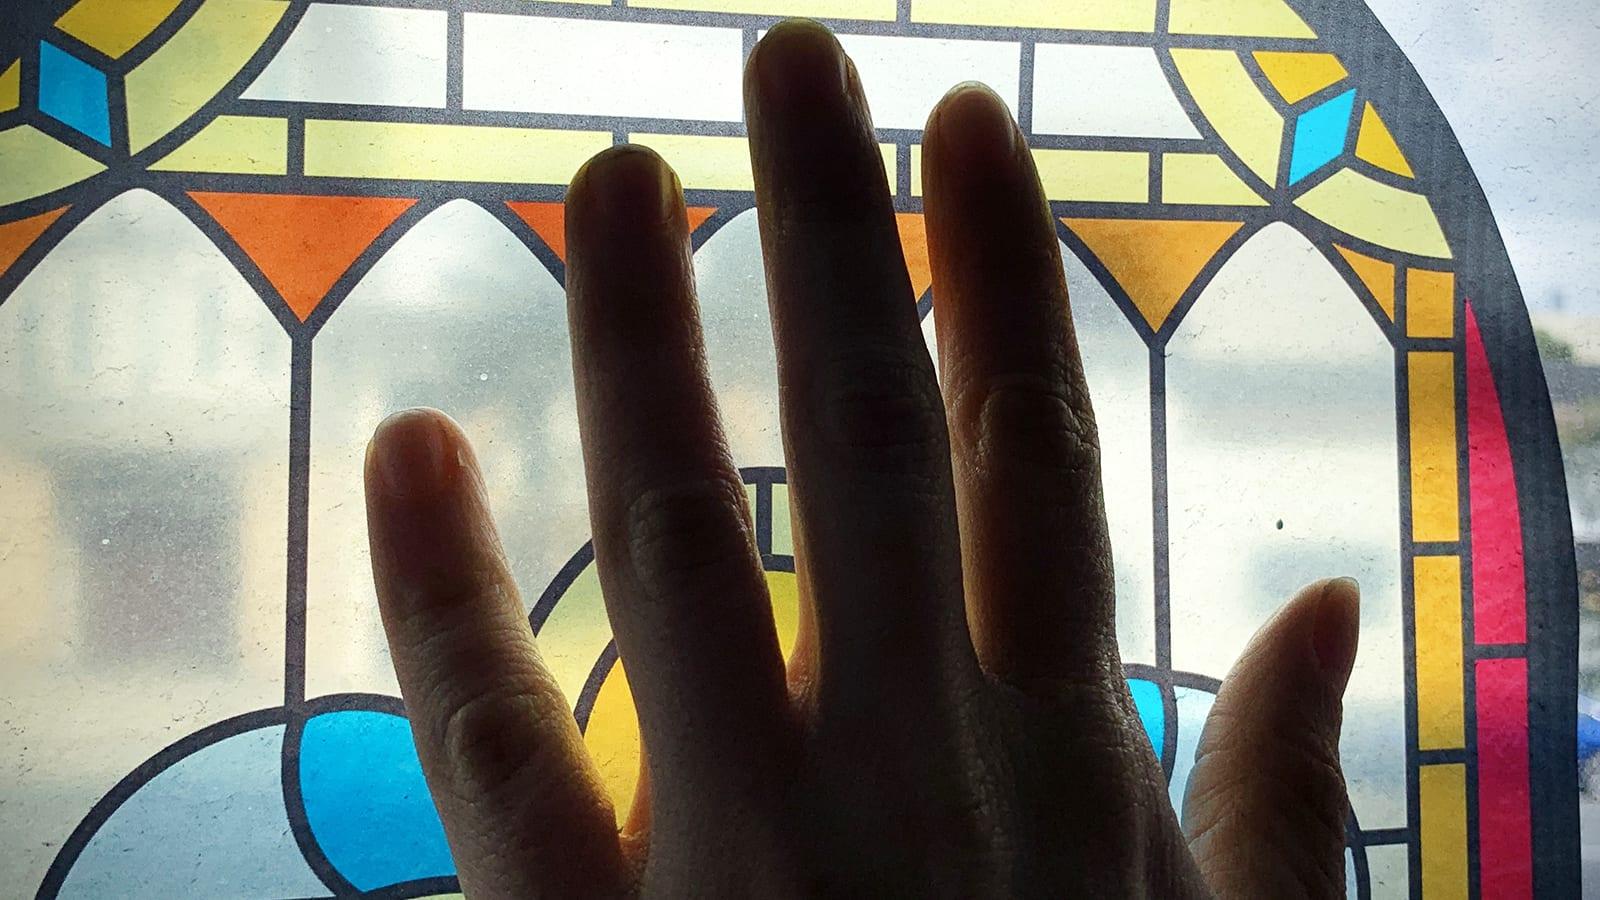 http://cdn.cnn.com/cnnnext/dam/assets/200326165309-stained-glass-3.jpg